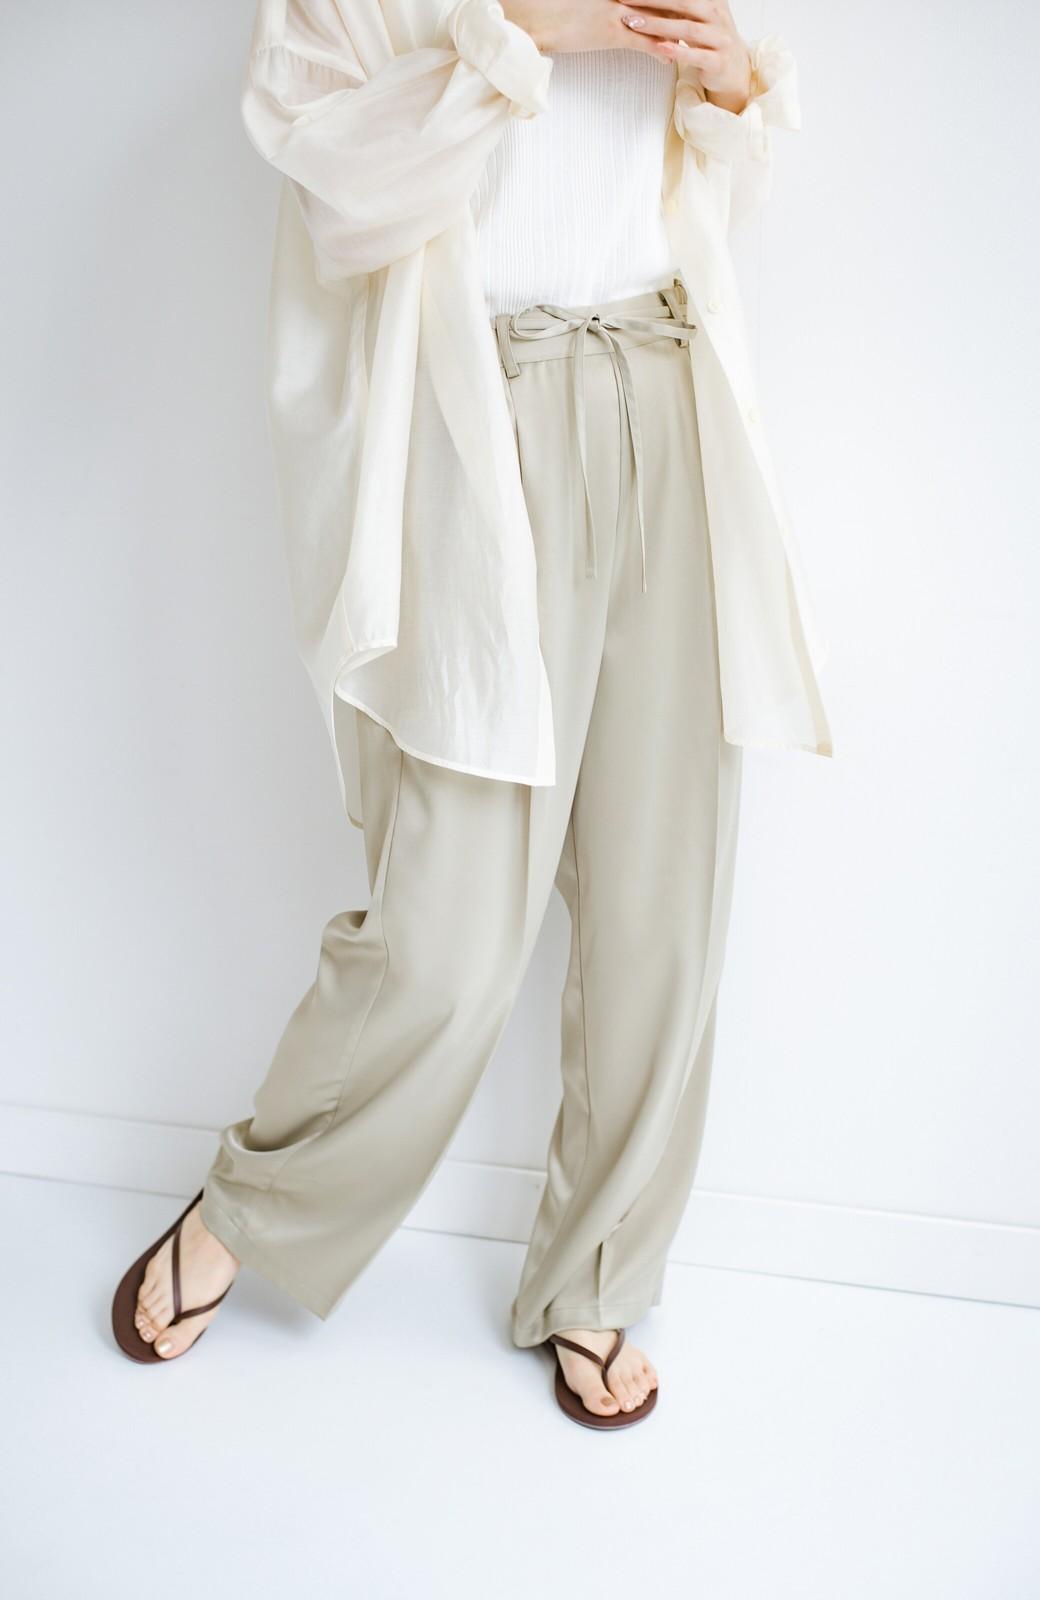 haco! シンプルTシャツに合わせるだけでこなれて見える ほどよく女っぽいツヤやかサテンのセンタープレスパンツby who made me <ライトオリーブ>の商品写真12